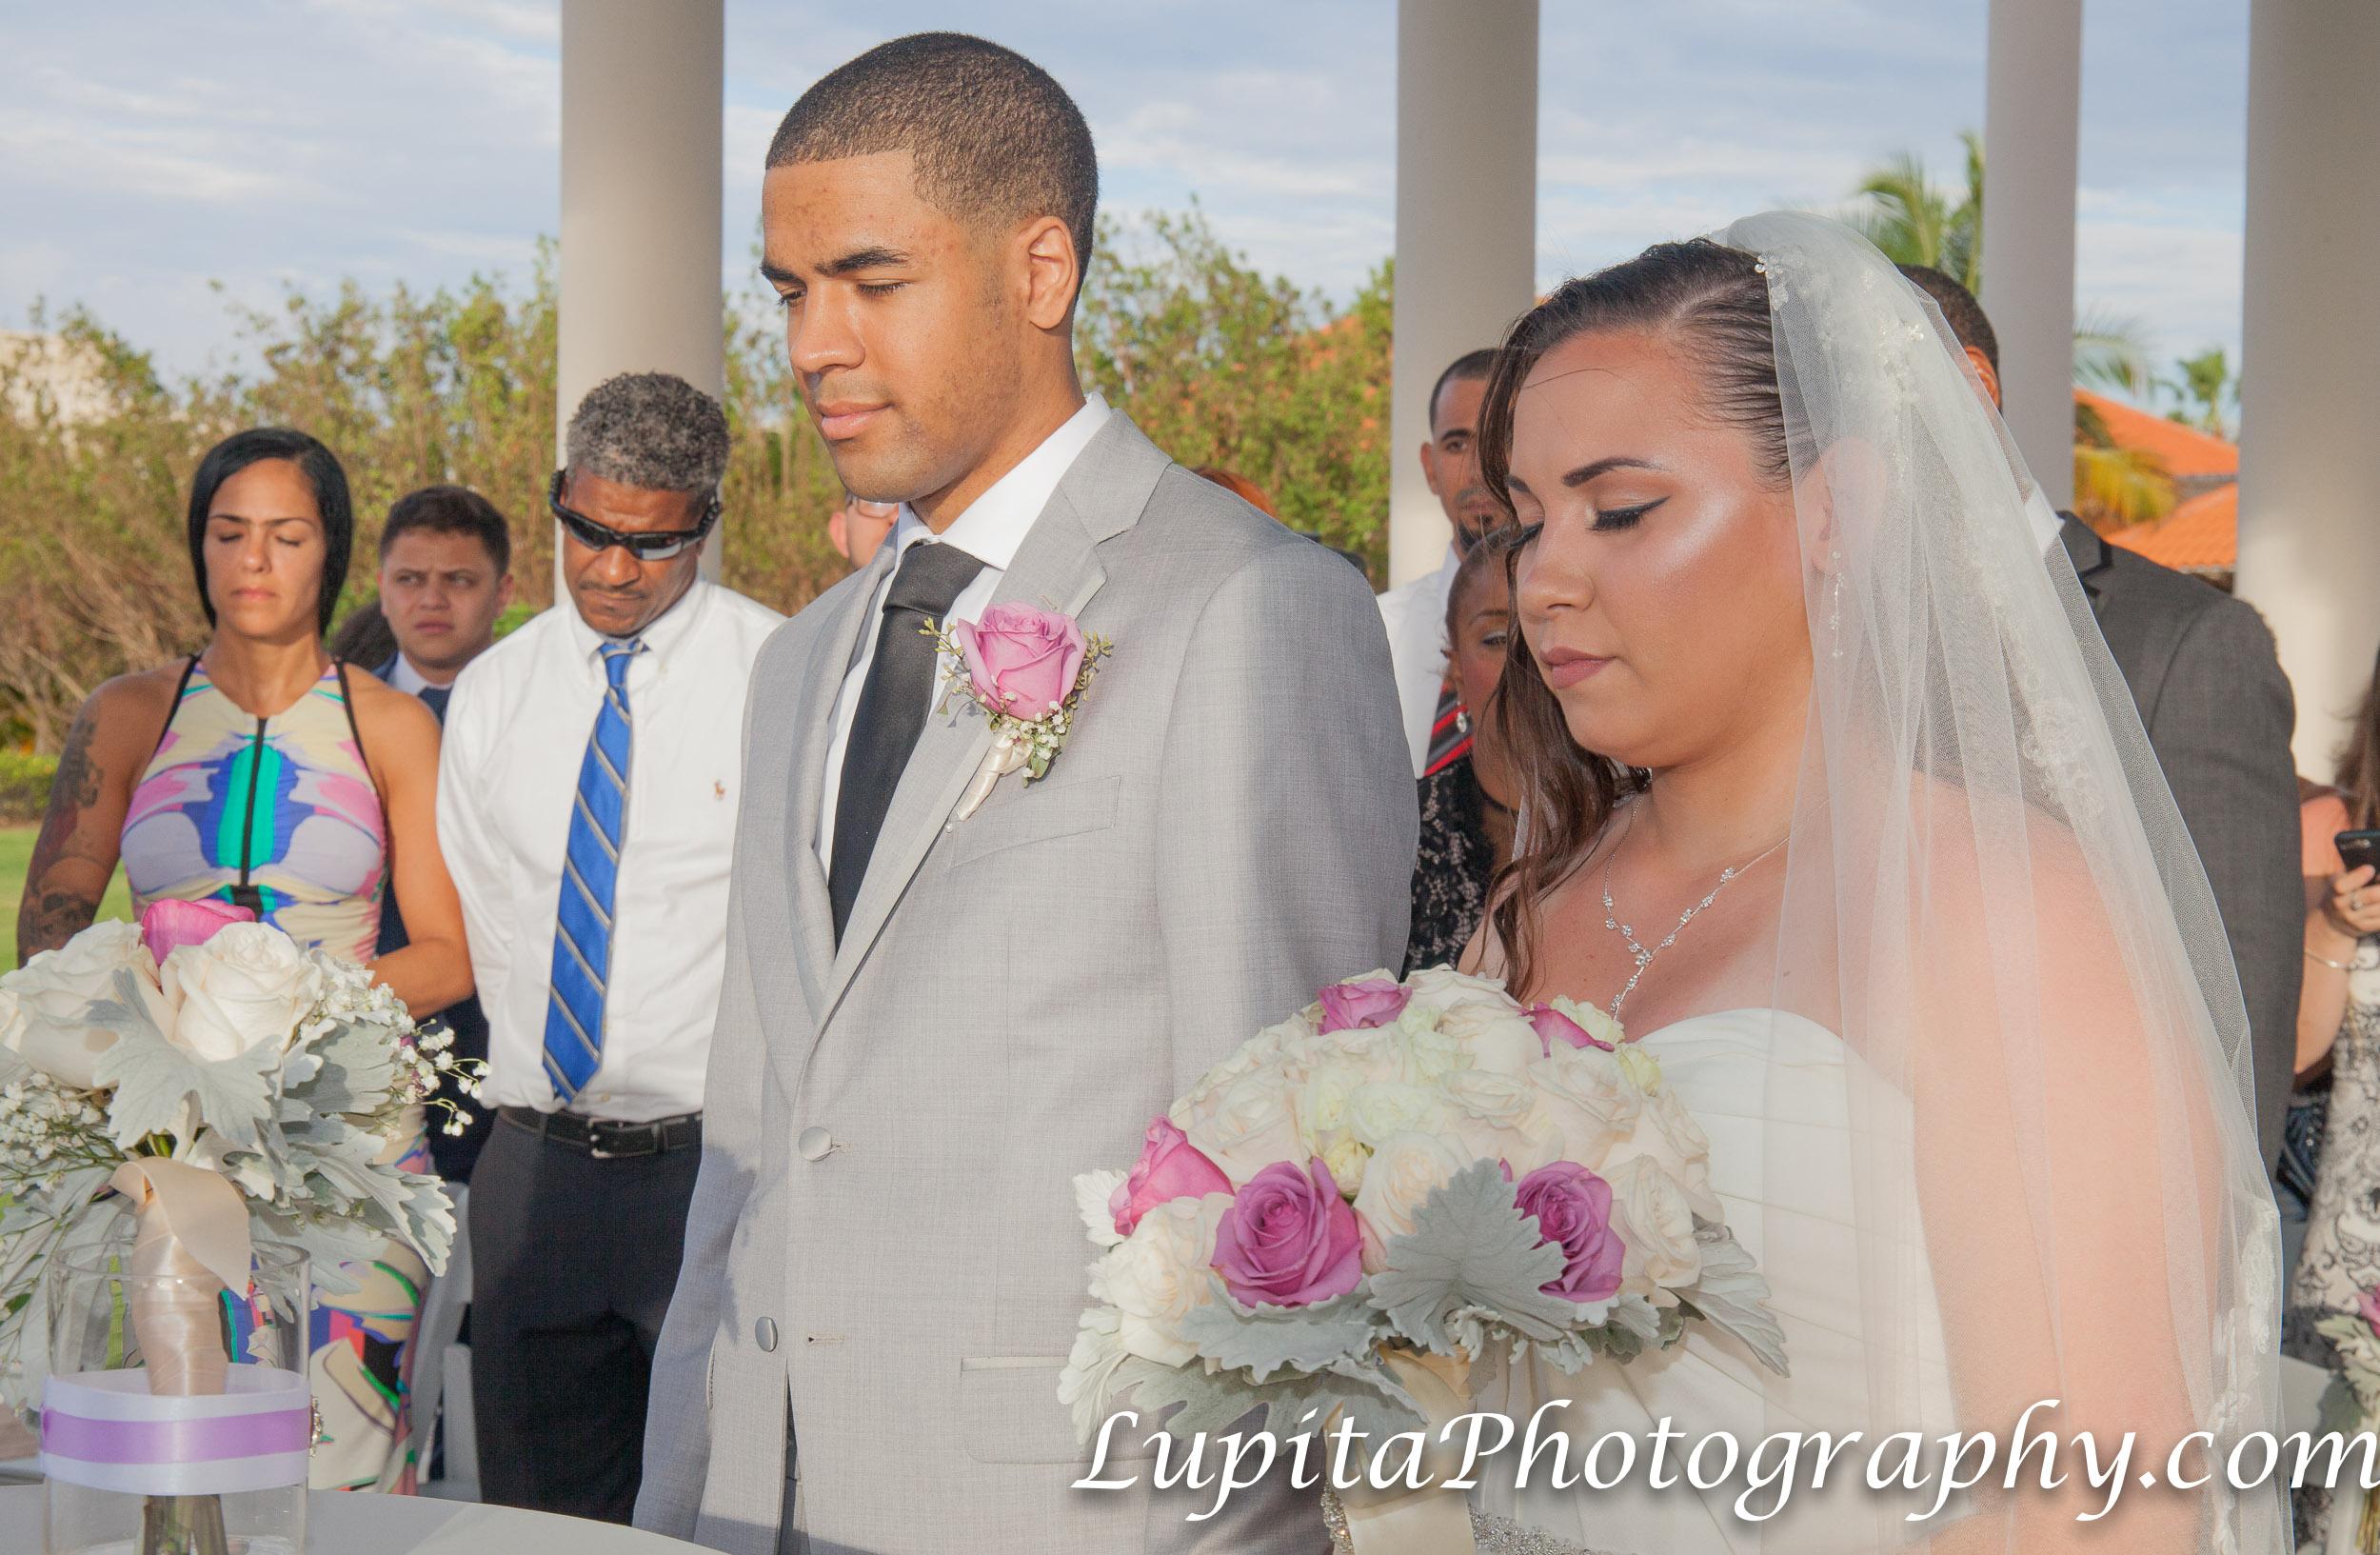 Meliá Coco Beach Resort. Rio Grande. Puerto Rico. Couple on their wedding ceremony.